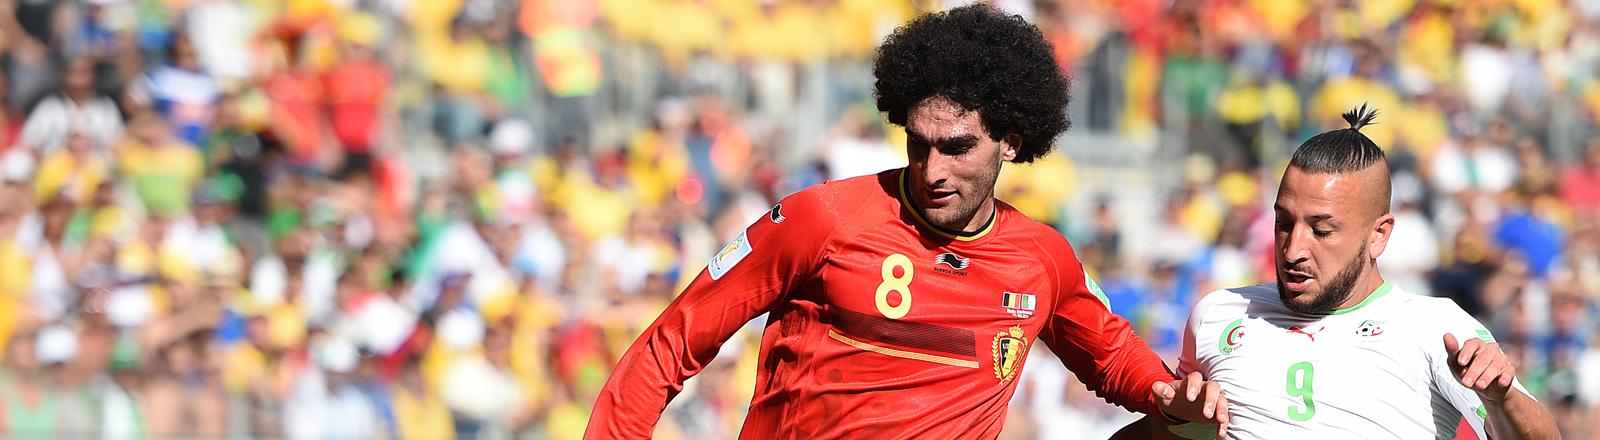 Der belgische Spieler Marouane Fellaini und Algeriens Stürmer Nabil Ghilas im Kampf um den Ball.